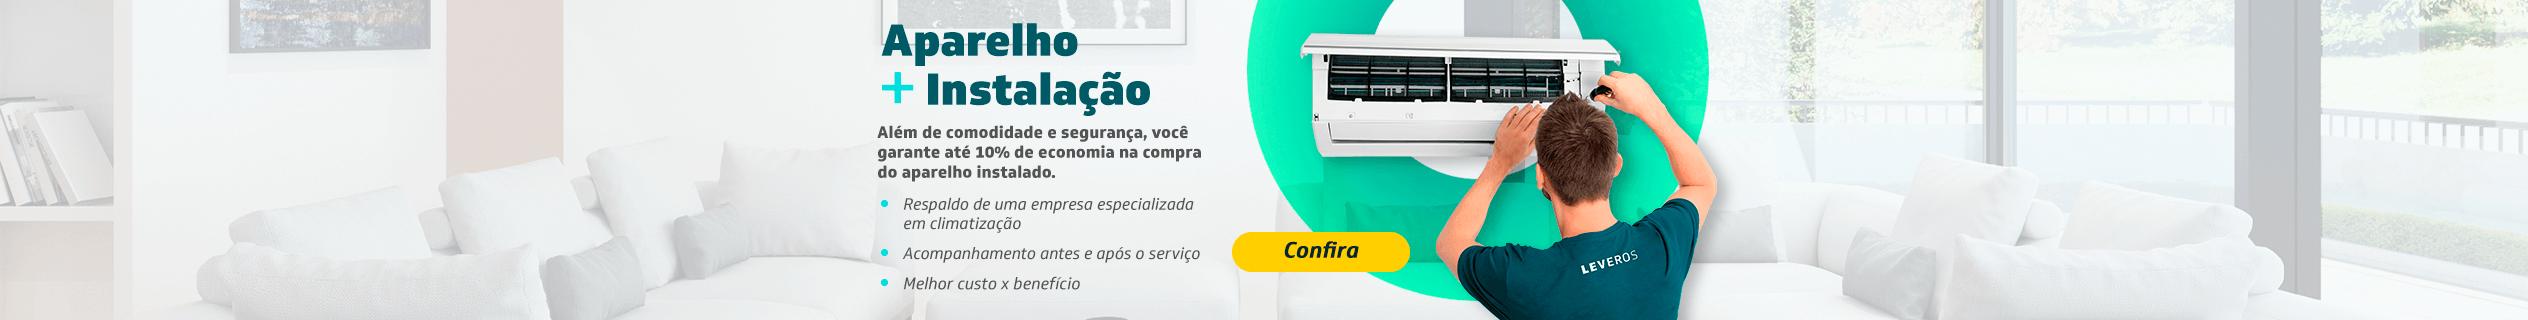 full_banner-desktop-combo-1102-2802